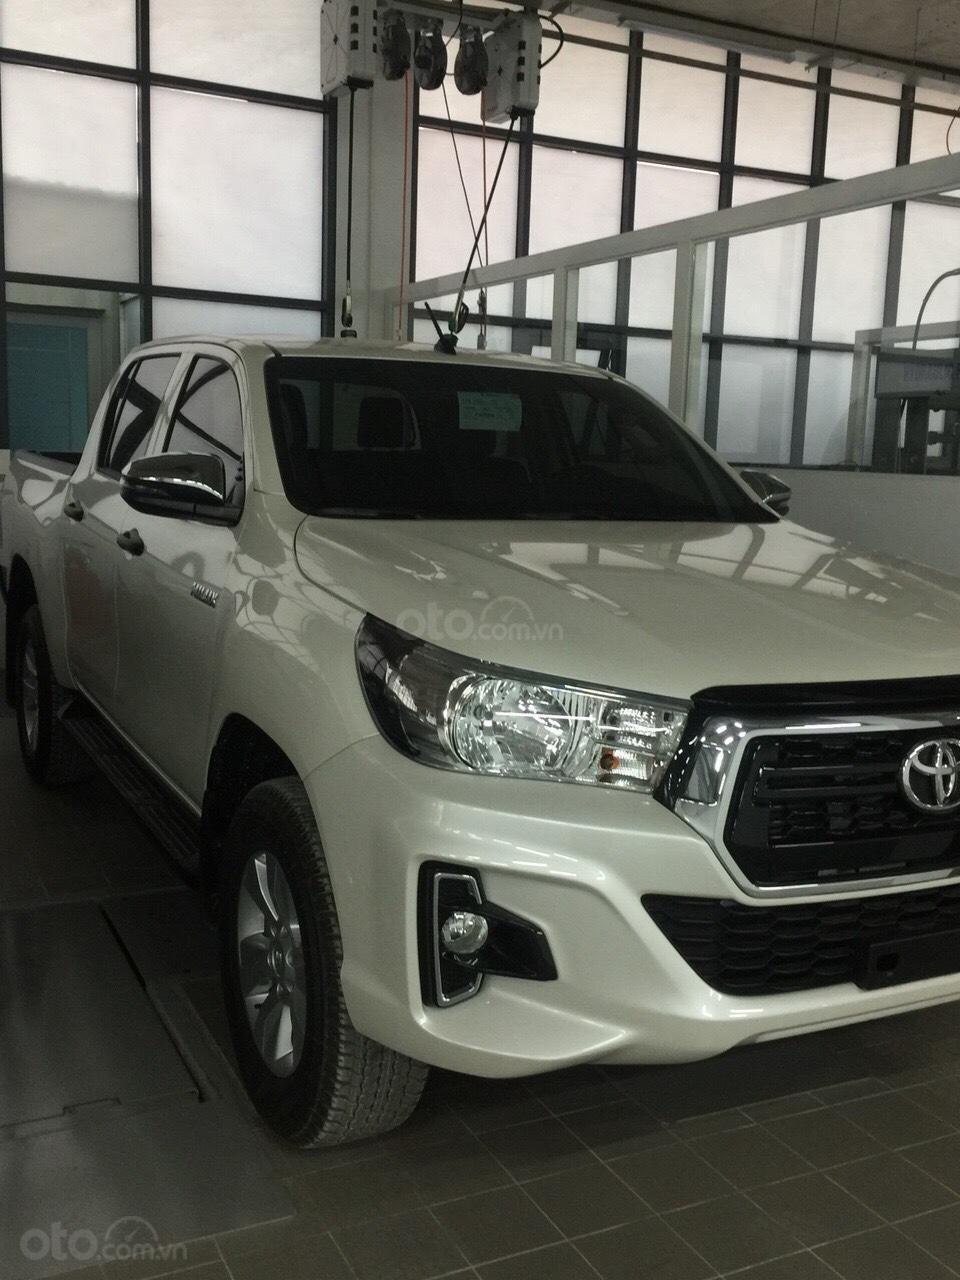 Toyota Hilux 2019 nhập khẩu - đủ màu giao ngay, giảm giá sốc và nhiều quà tặng giá trị. LH 097504019 (4)